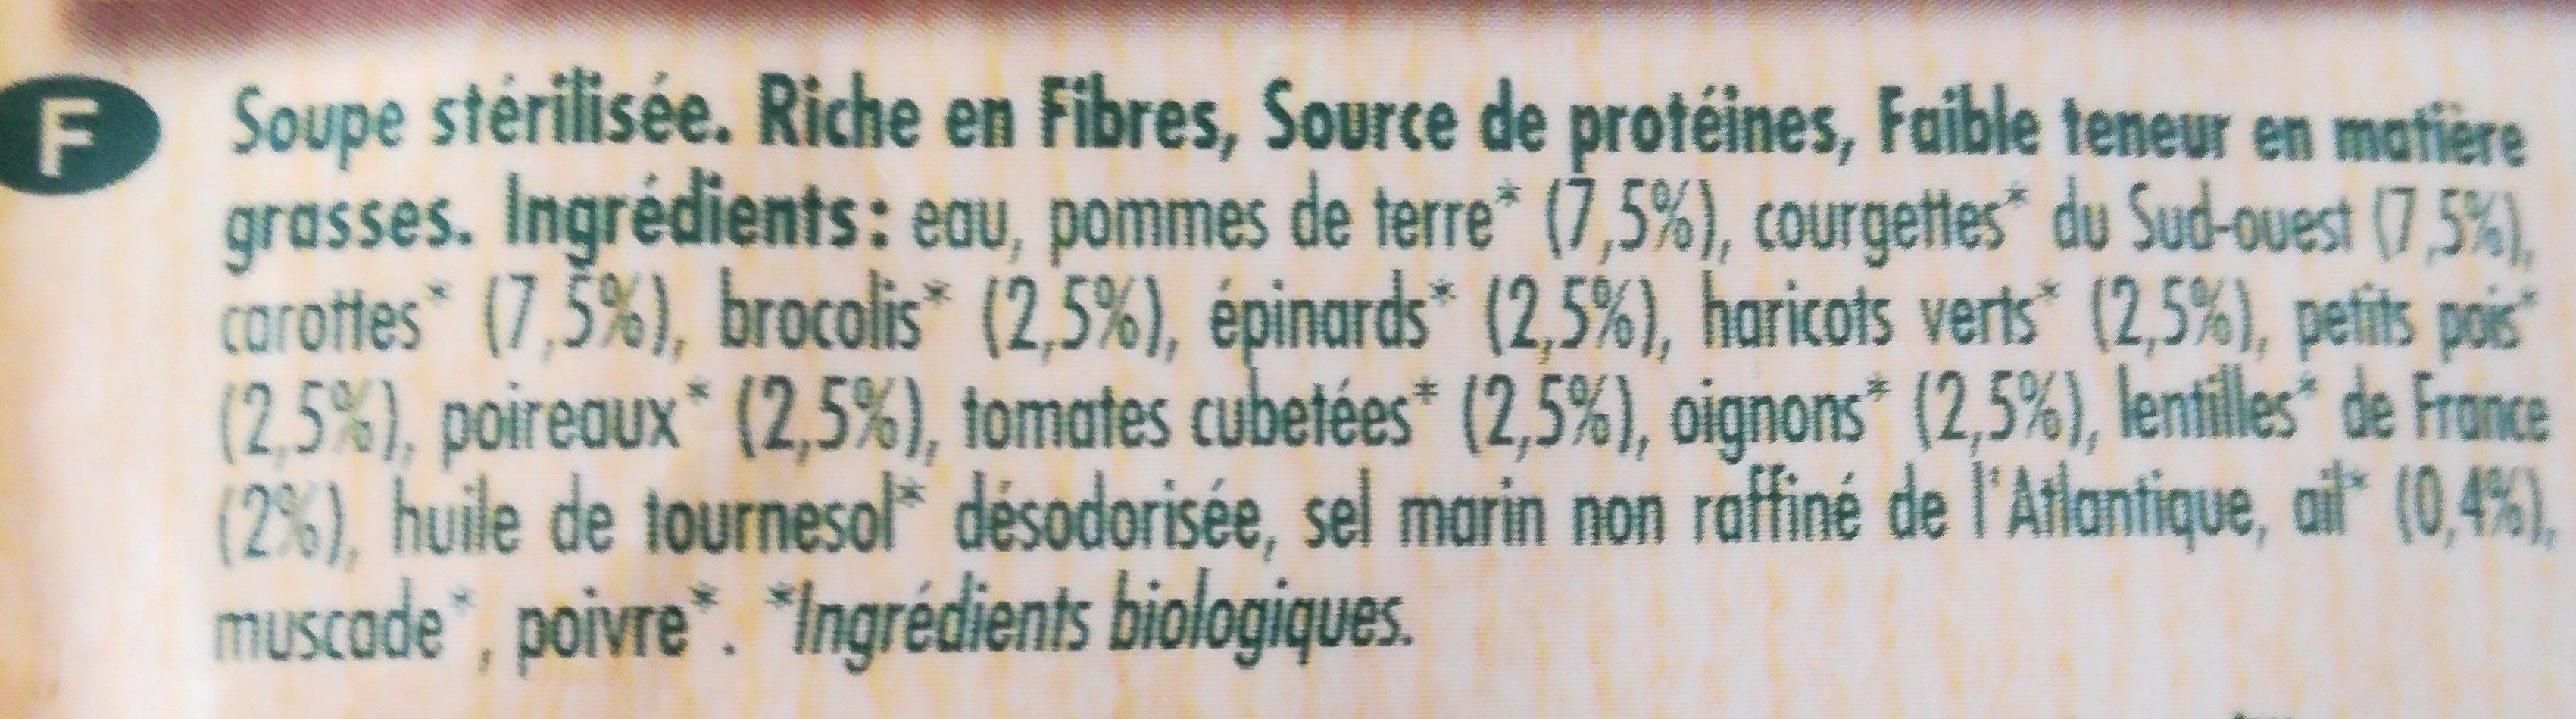 Soupe aux 12 légumes - Ingrédients - fr